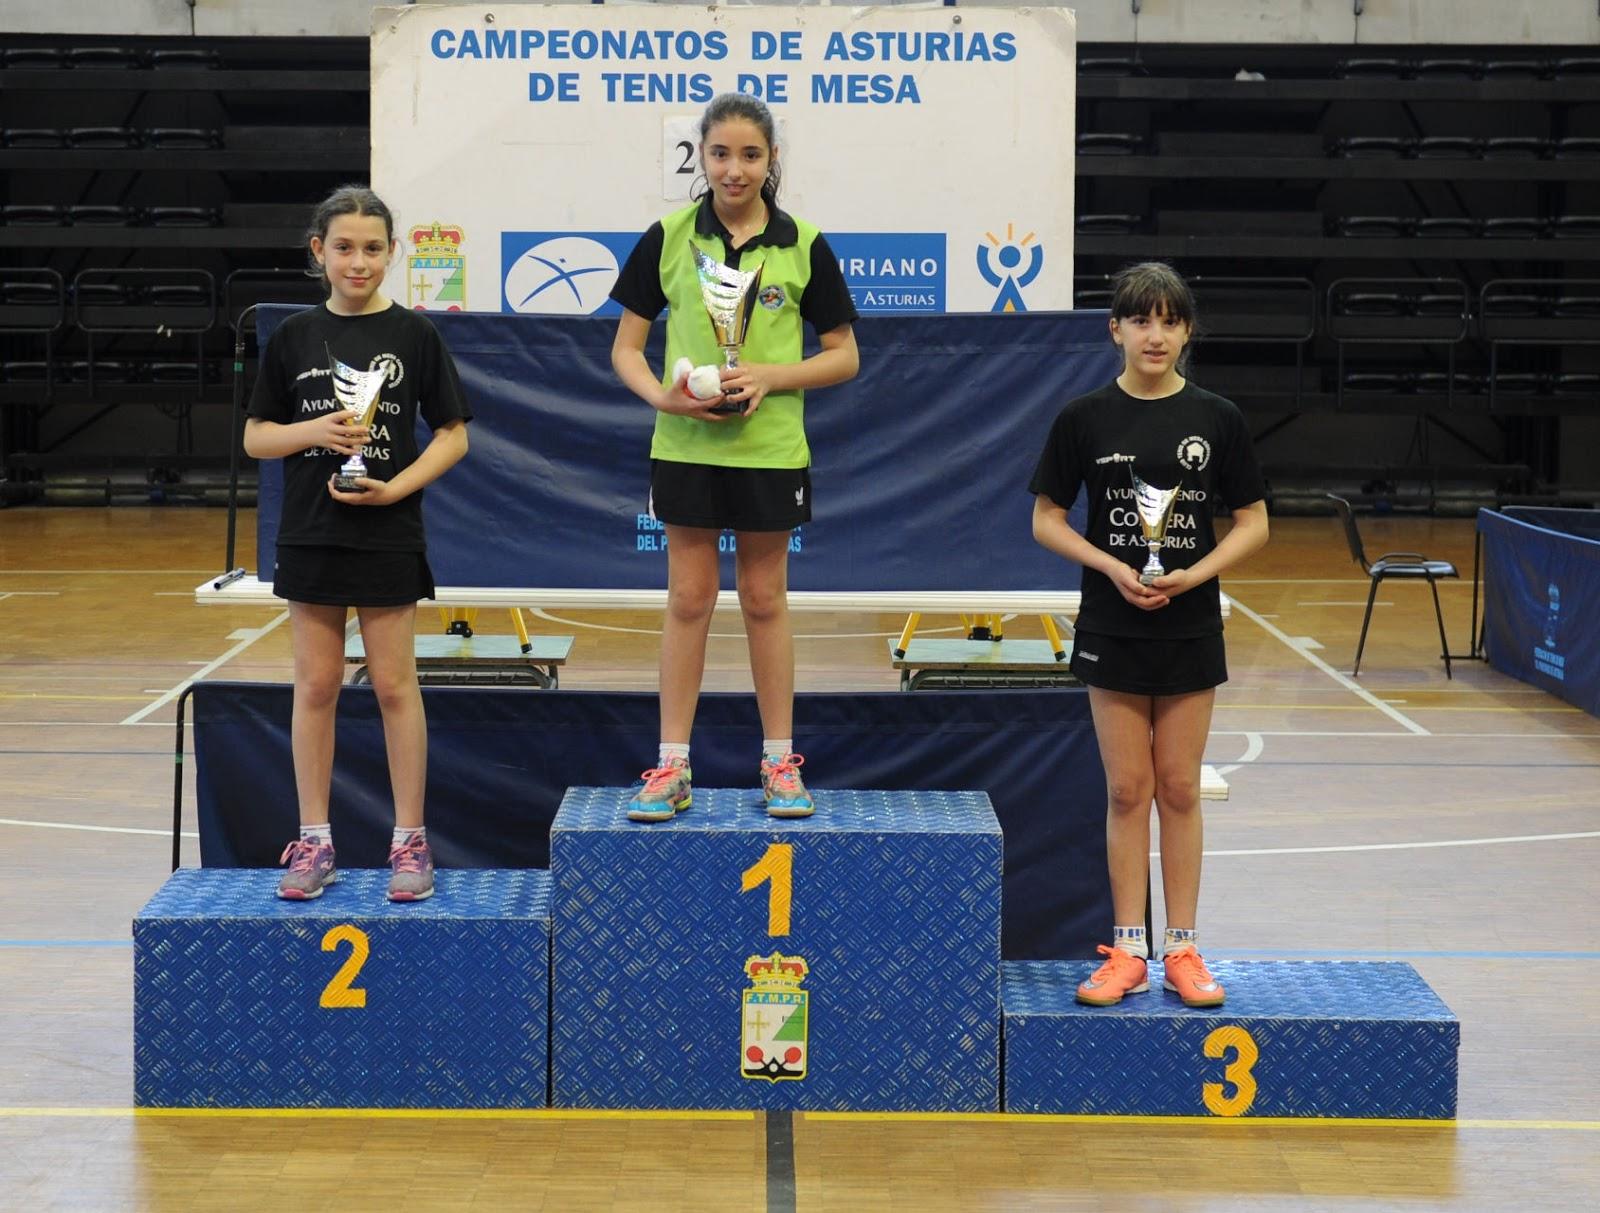 avil s tenis de mesa resultados de los campeonatos de